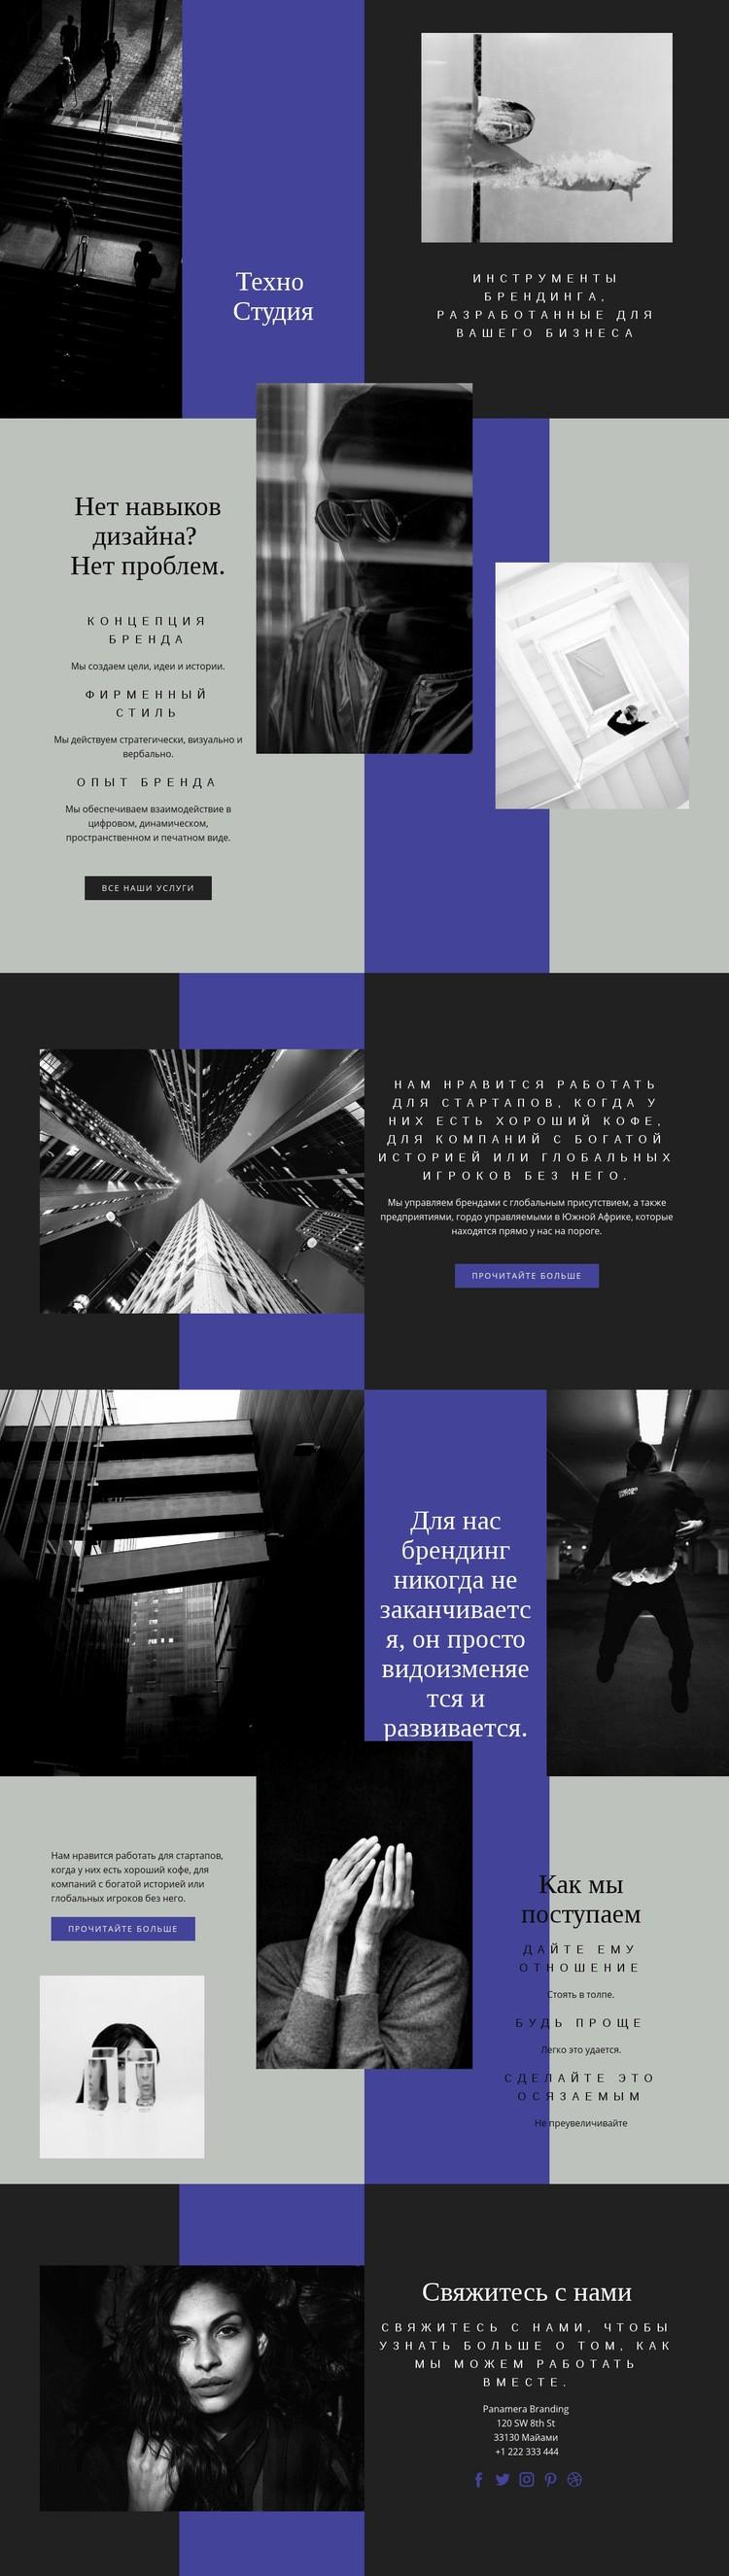 Техно навыки в бизнесе Шаблон веб-сайта